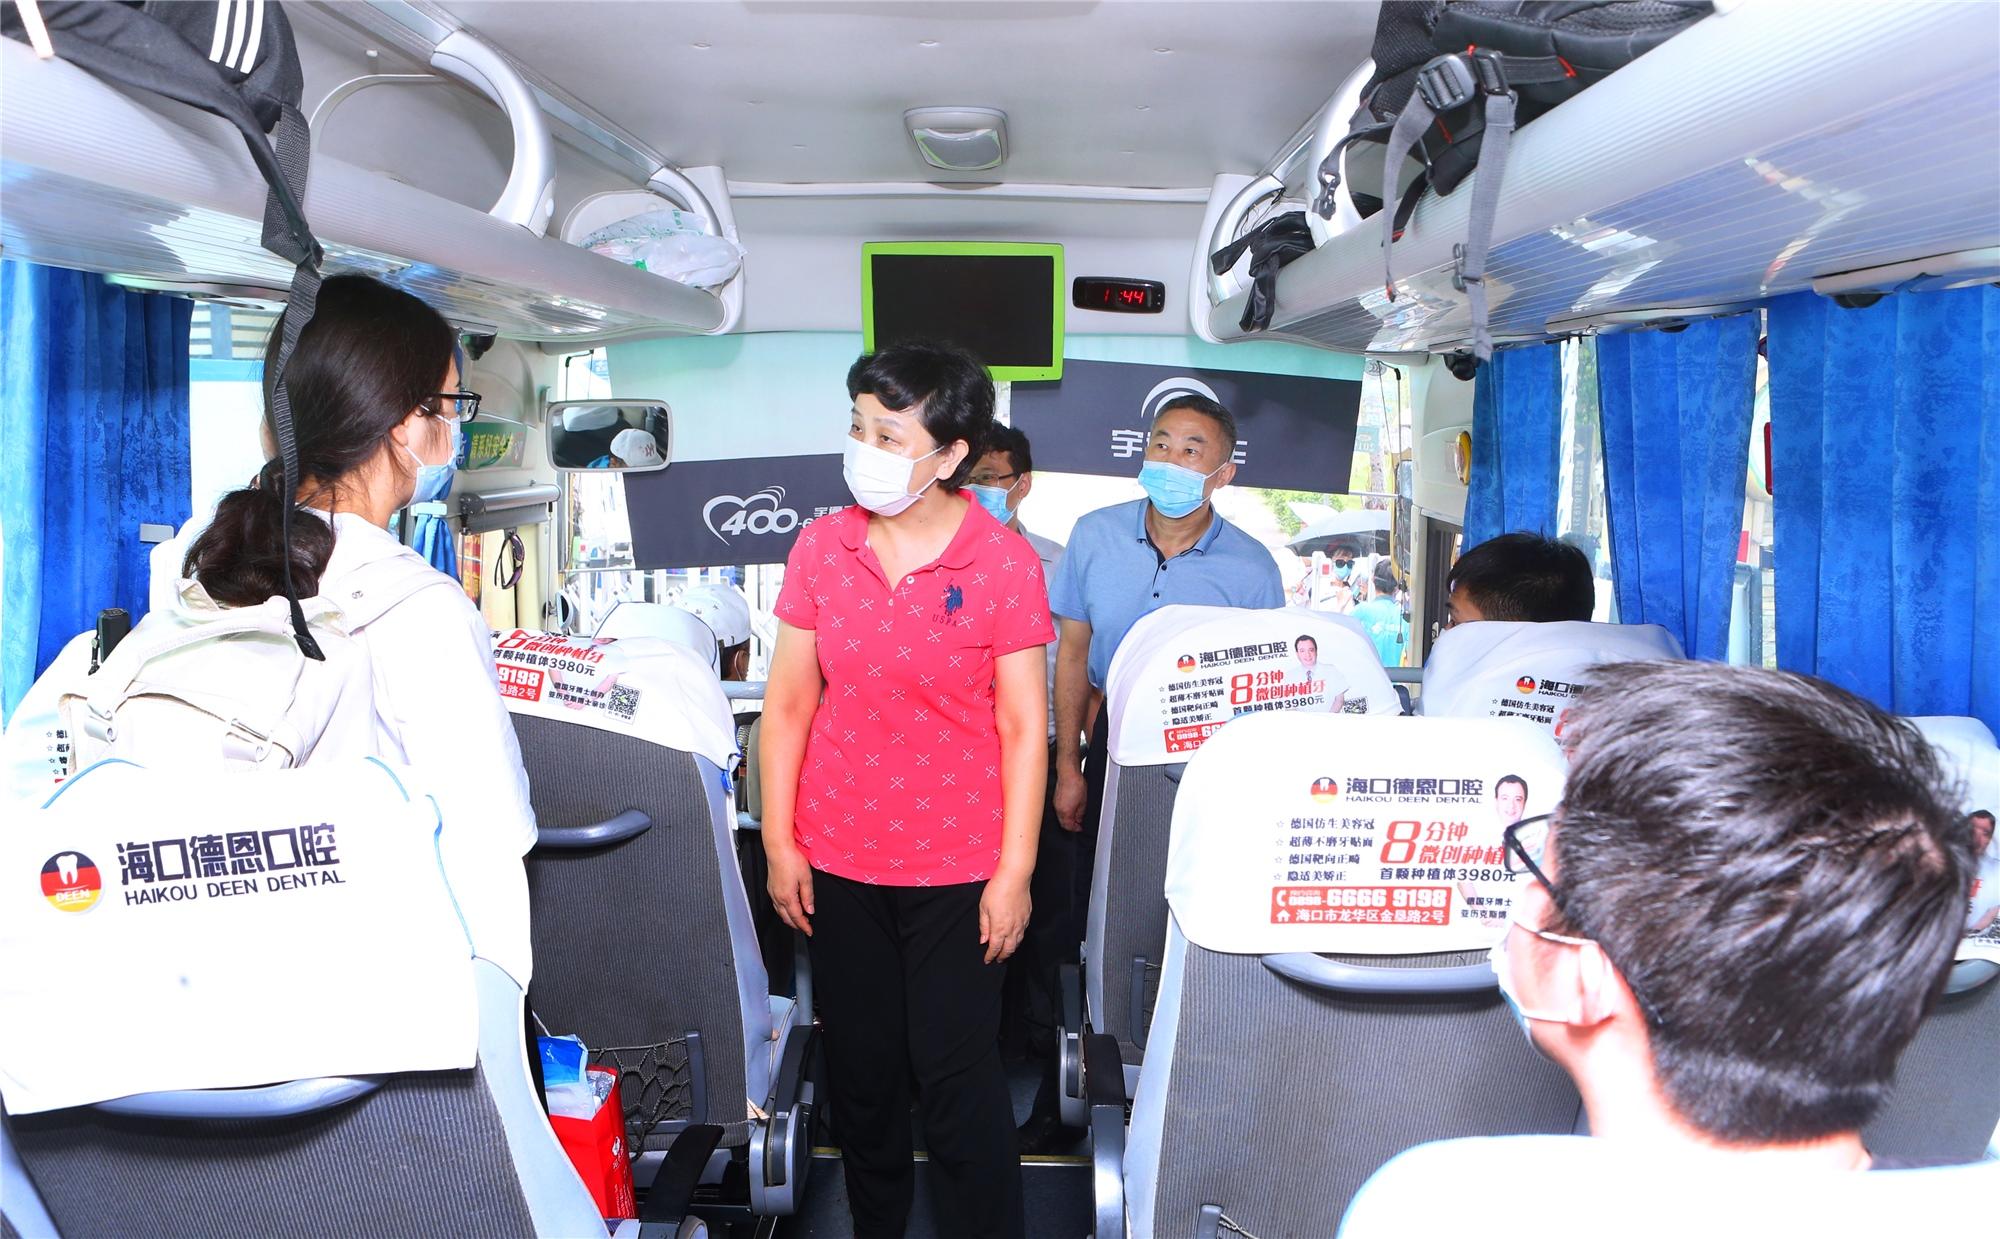 李红梅:保证各项监测数据真实准确,维护师生身心健康